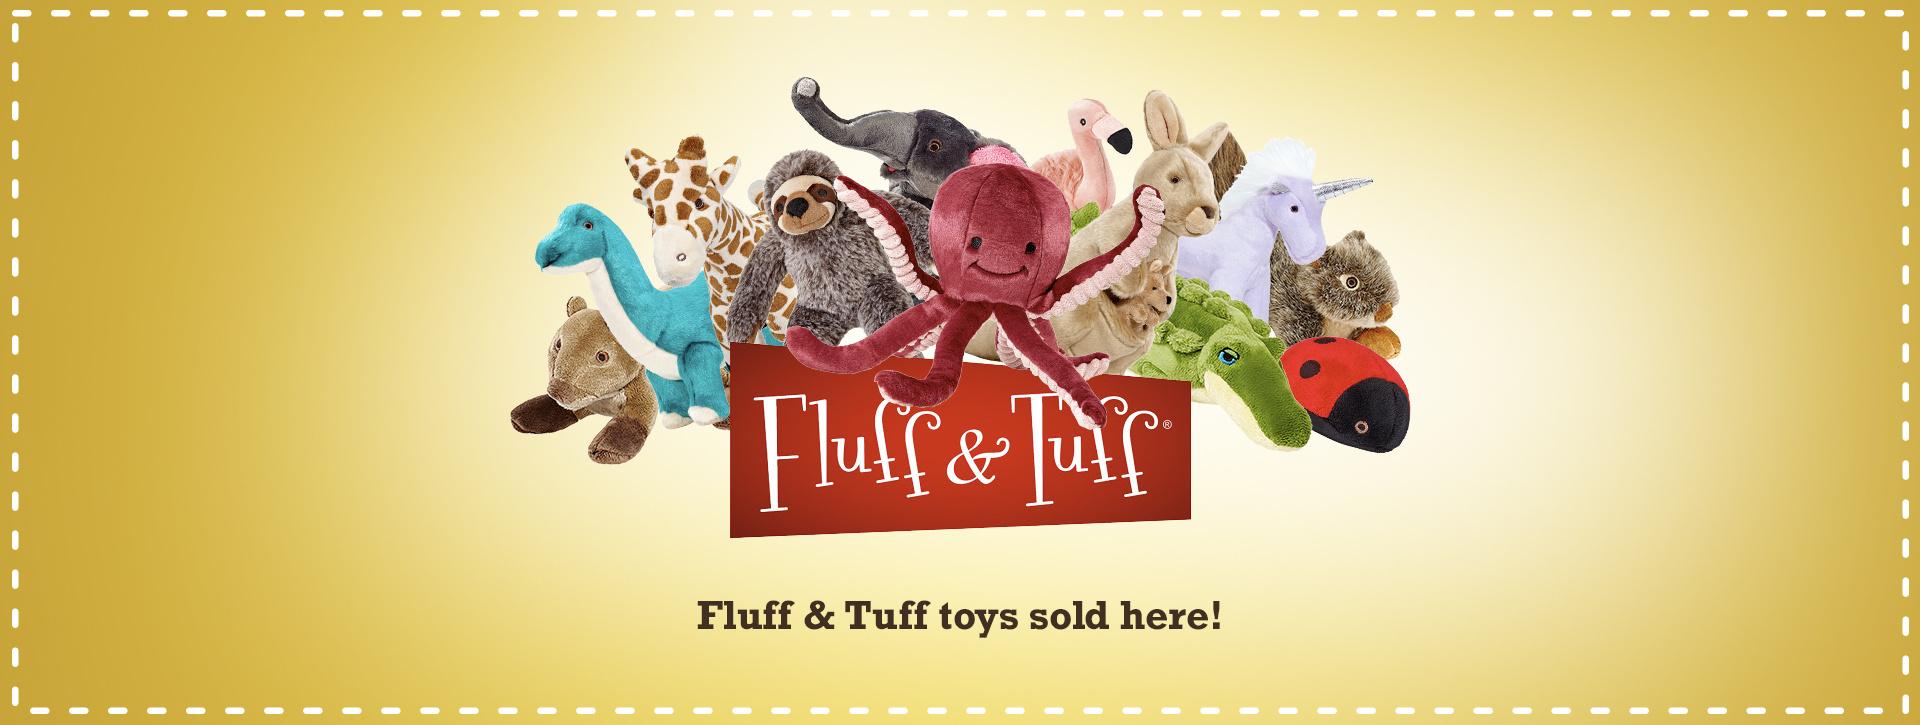 Fluff & Tuff